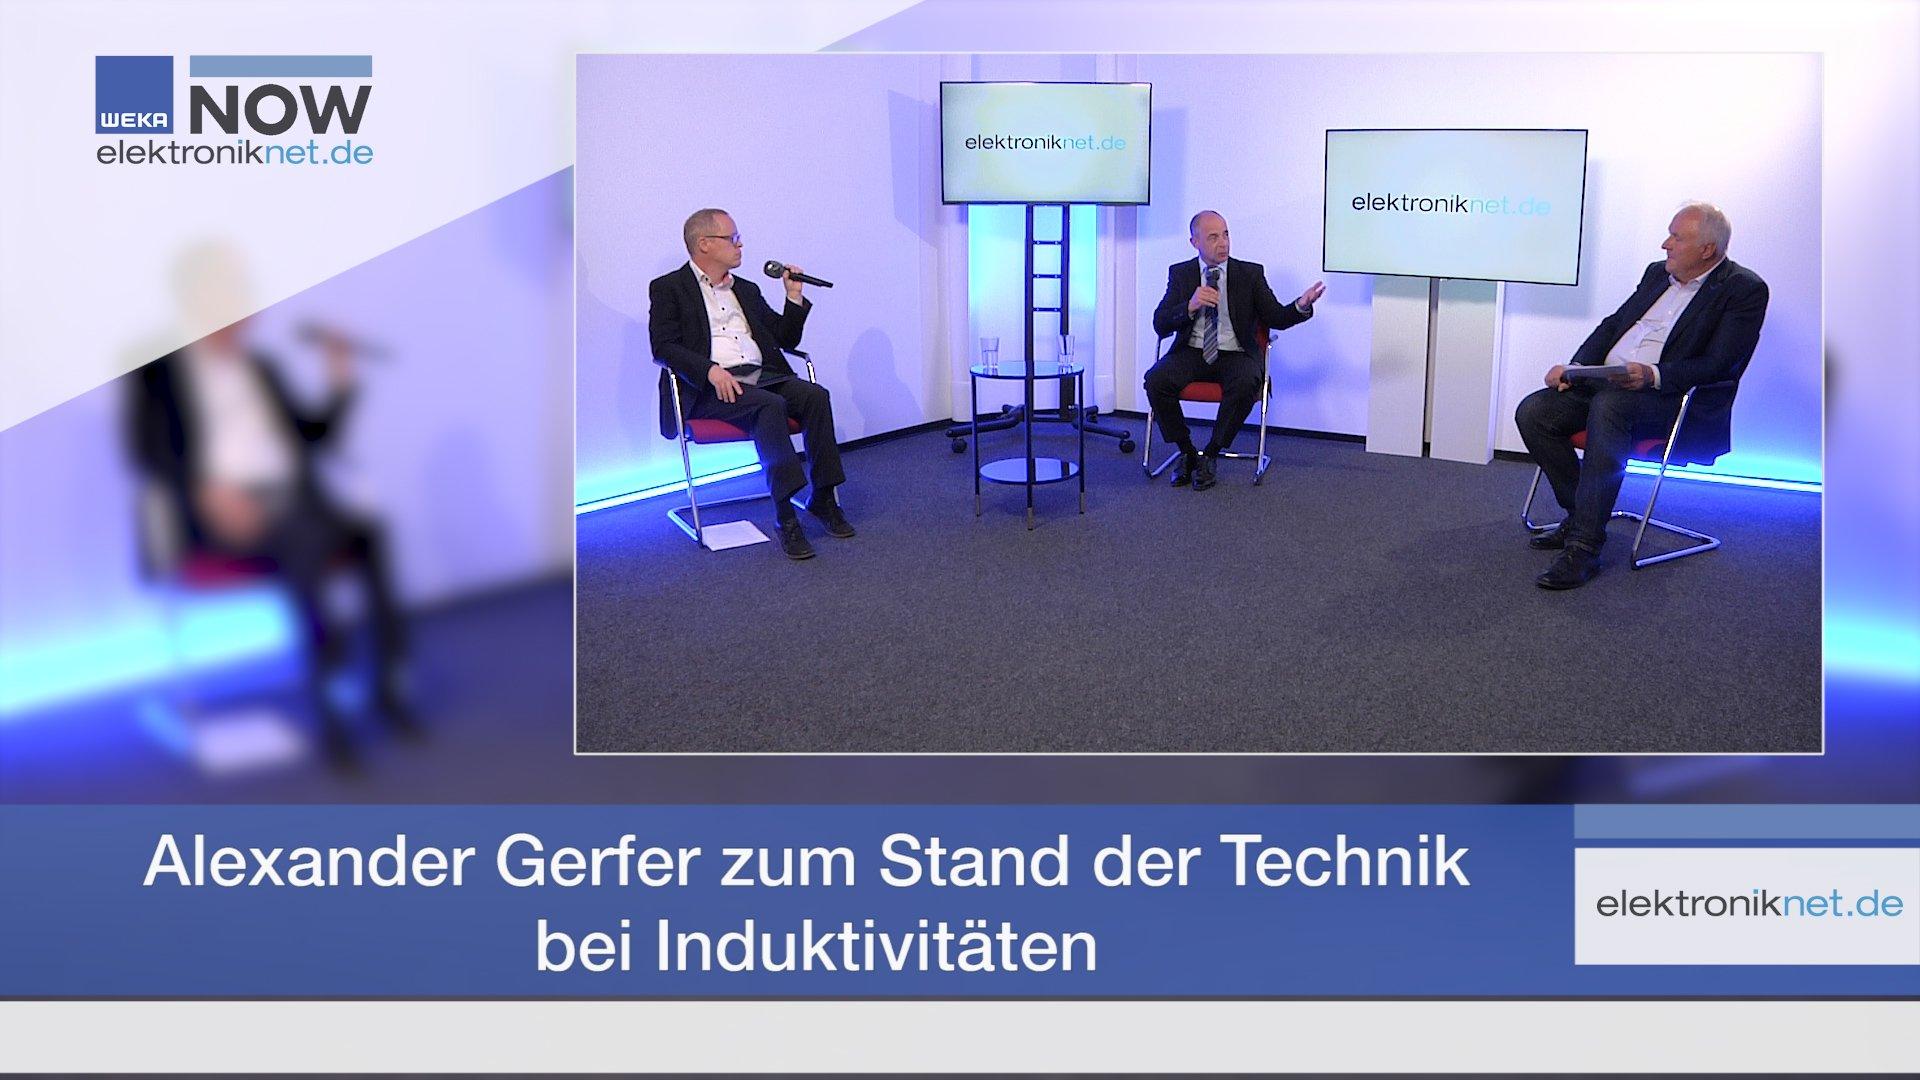 Alexander Gerfer zum Stand der Technik bei Induktivitäten